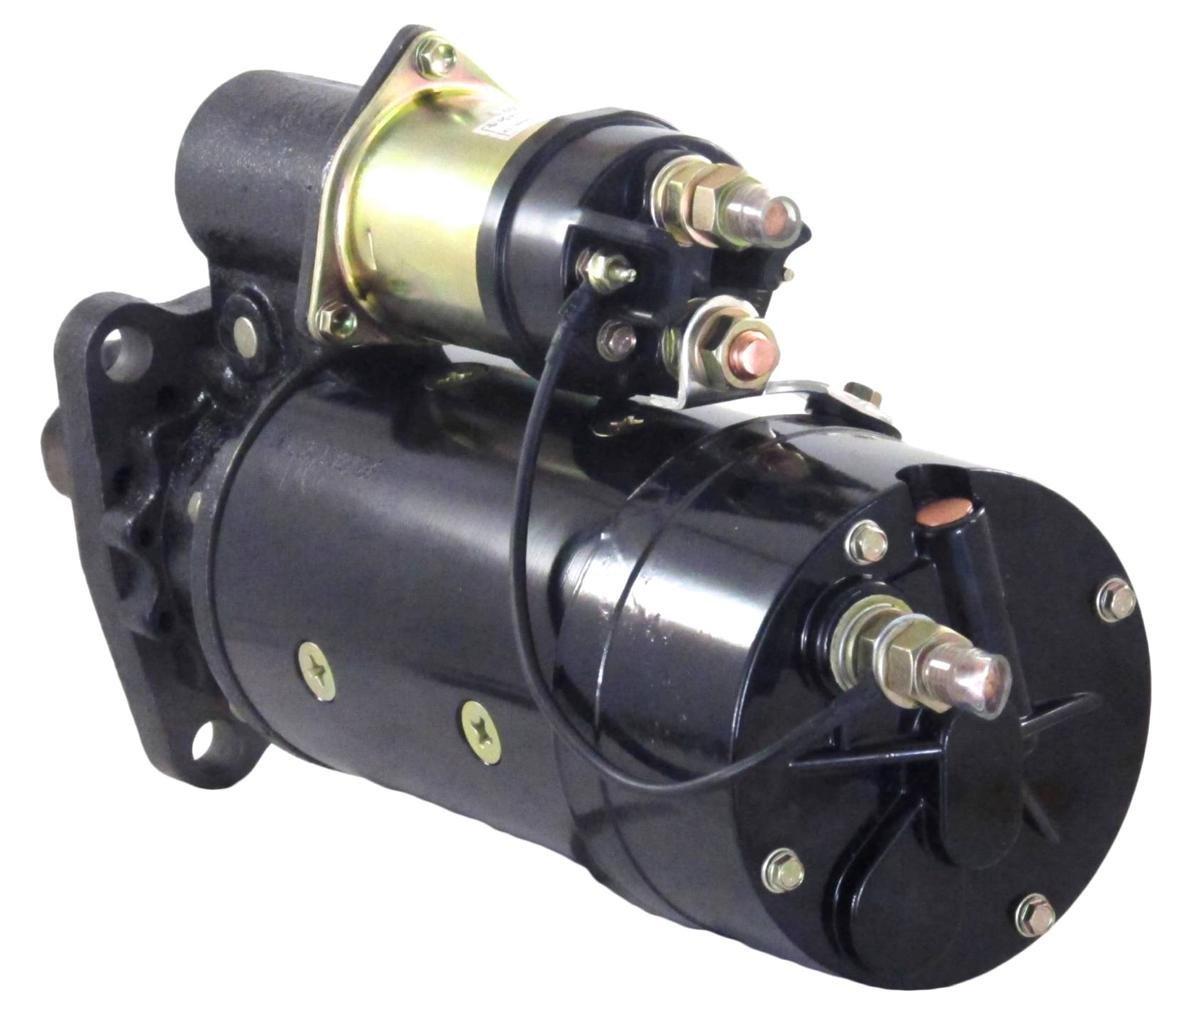 hight resolution of wrg 9599 cat v8 engine diagramcat v8 engine diagram 9